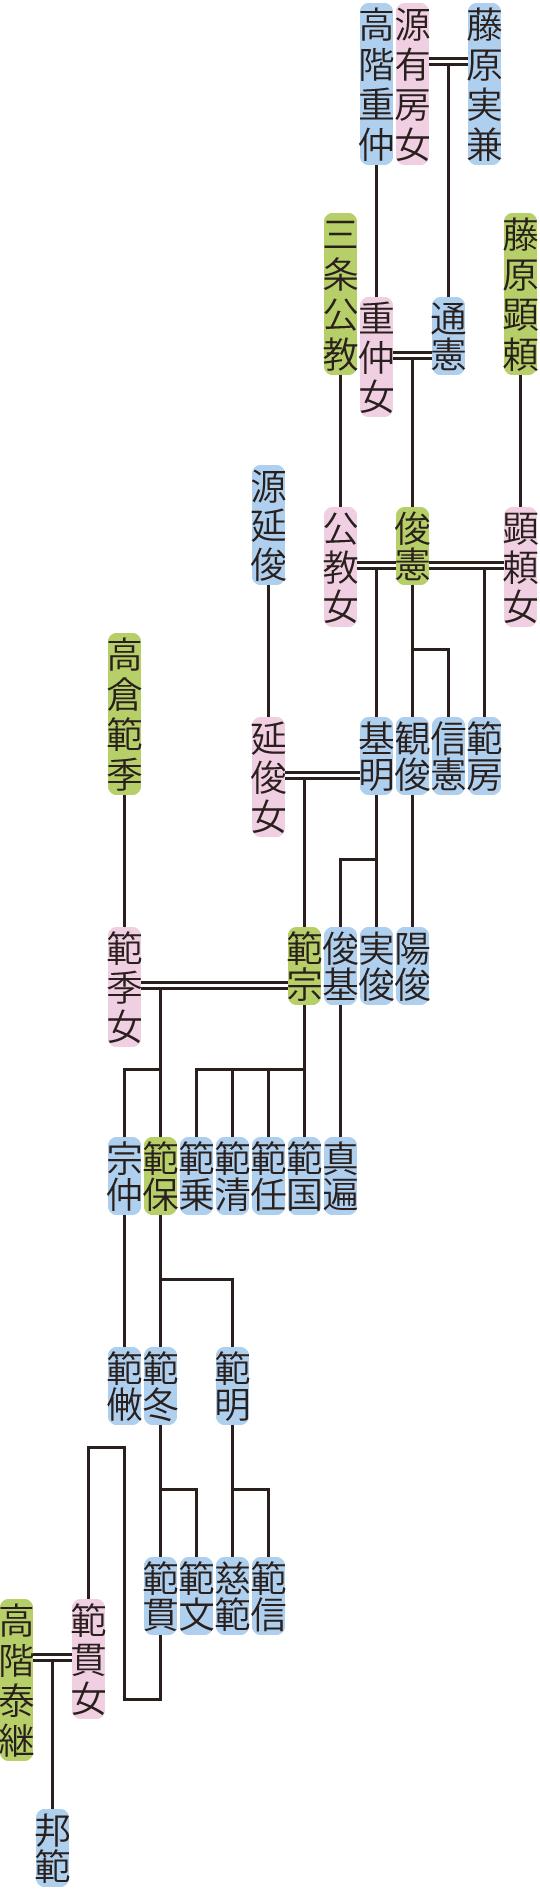 藤原俊憲の系図